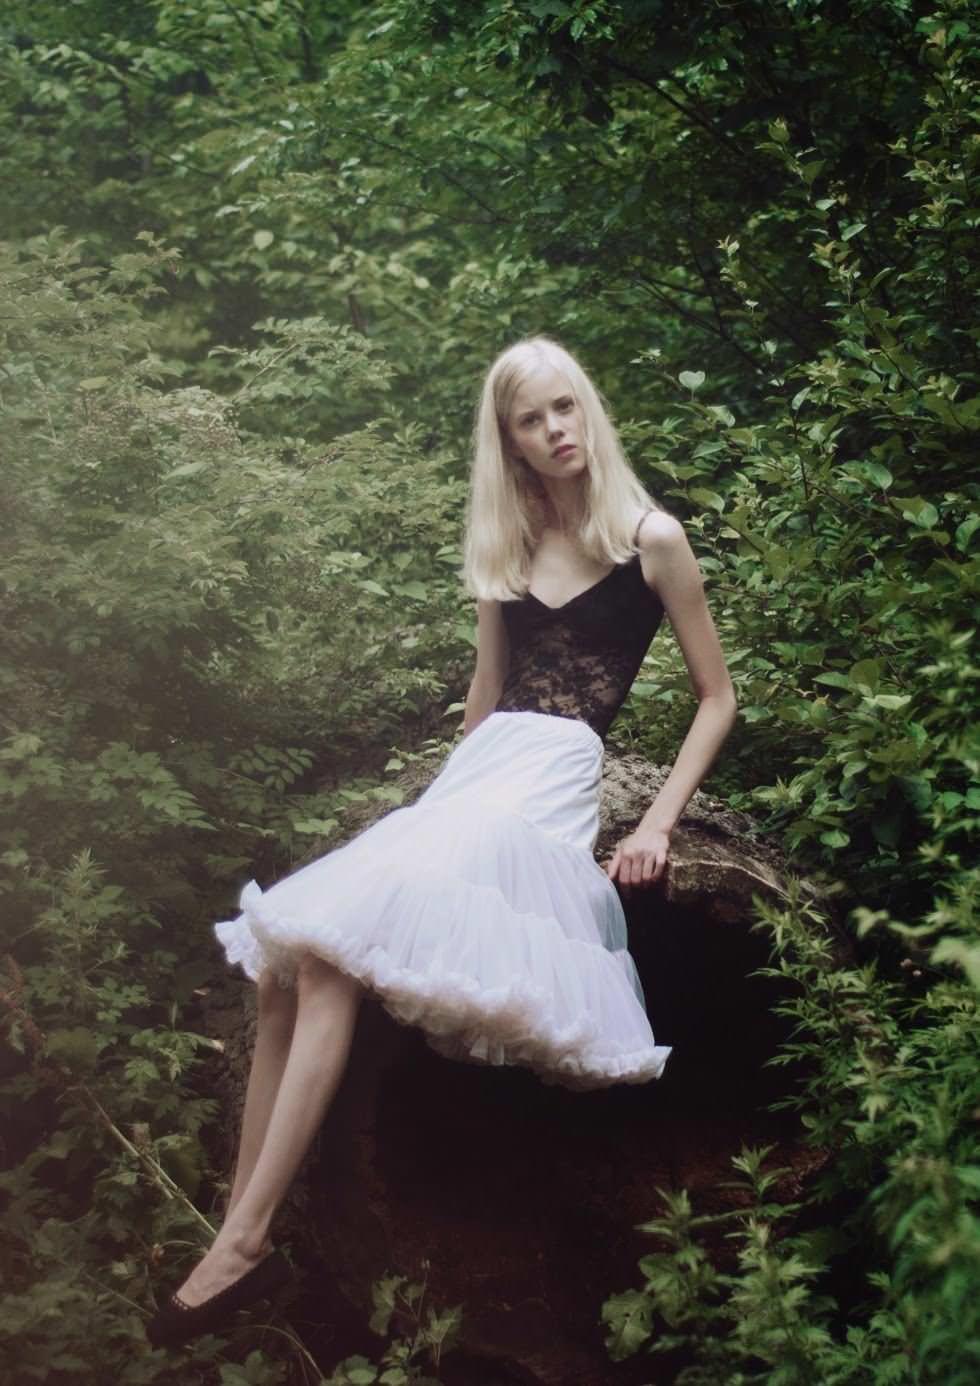 【外人】デンマークの妖精アメリー·シュミット(Amalie Schmidt)が異常な程可愛いポルノ画像 10117